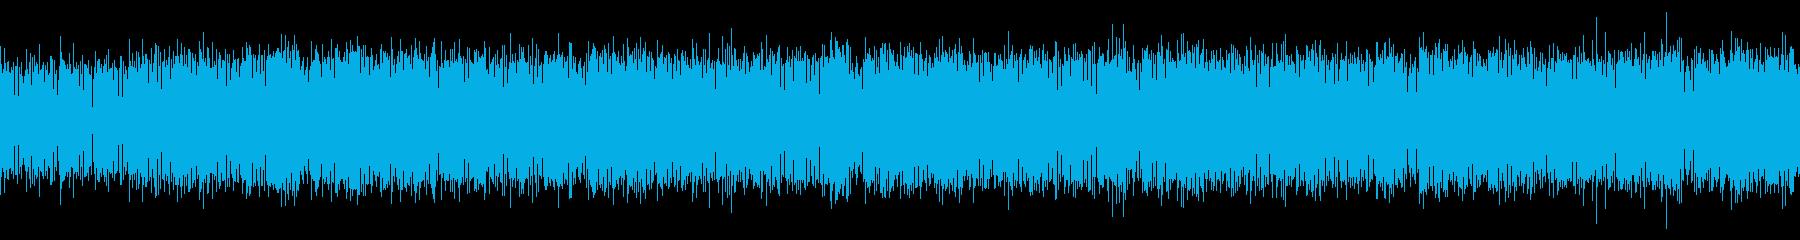 【ループ仕様】緊張感ある歪んだサウンドの再生済みの波形